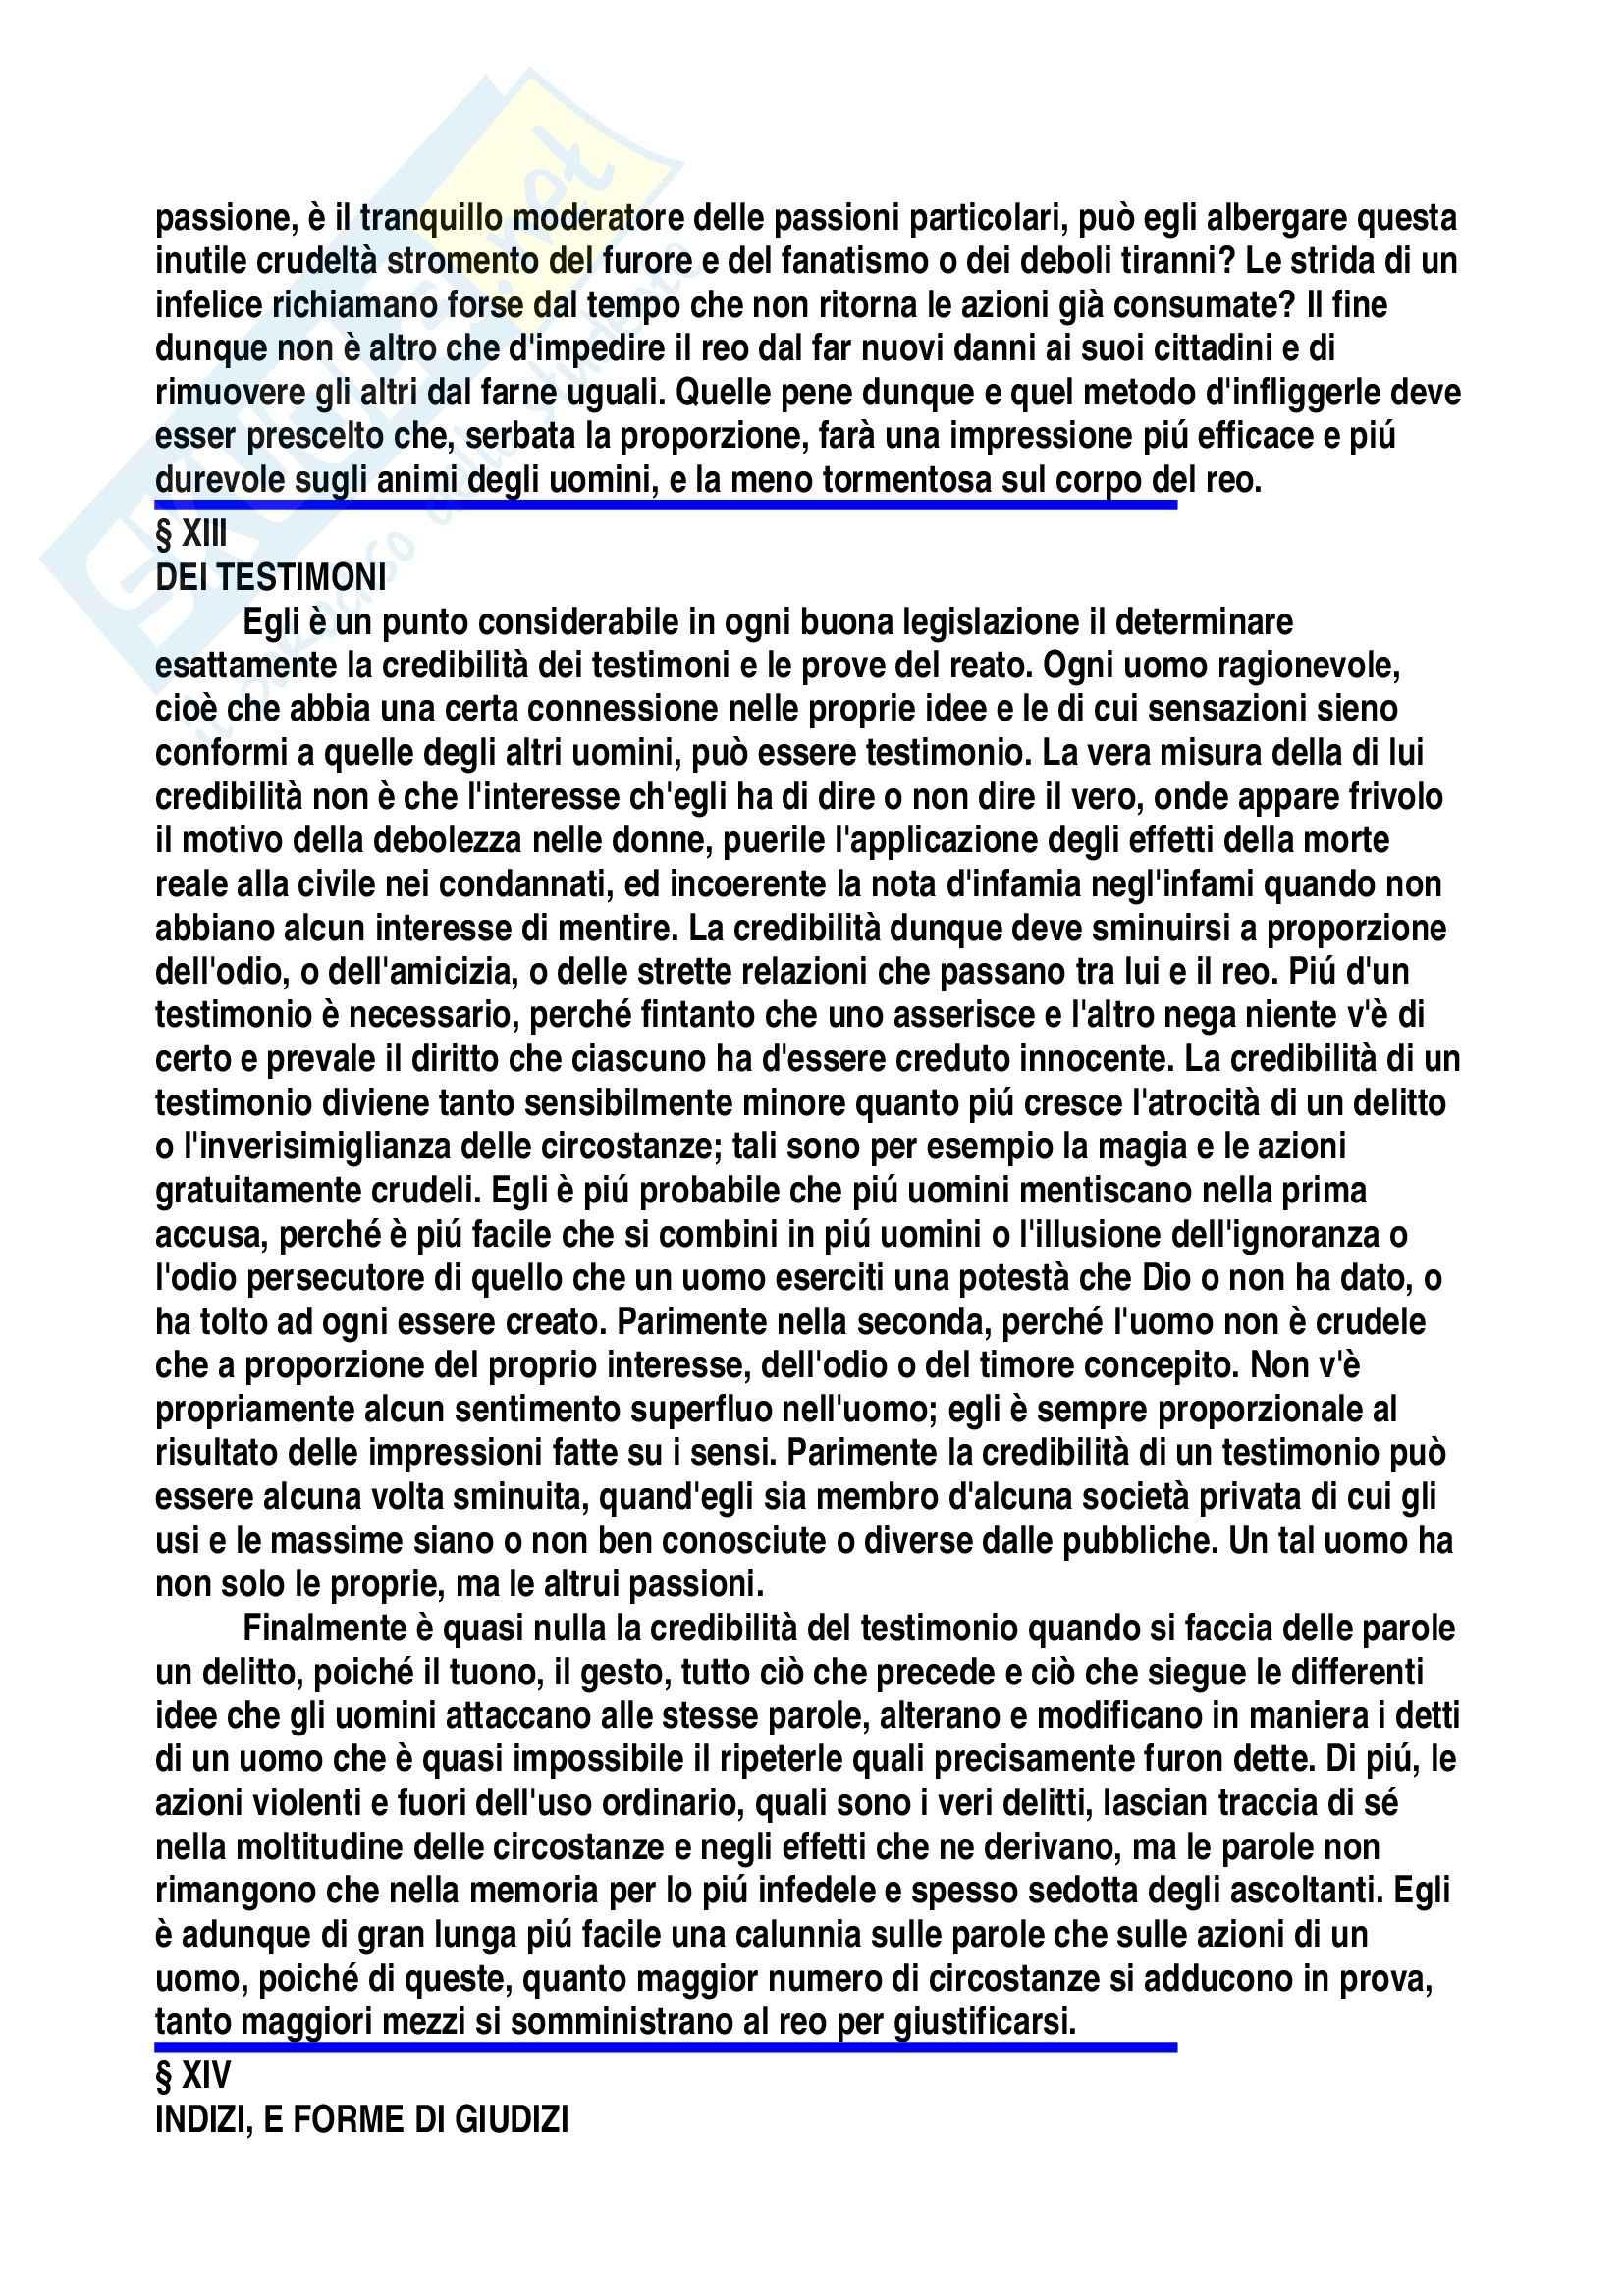 Diritto penale - Tesi su Cesare Beccaria Pag. 31